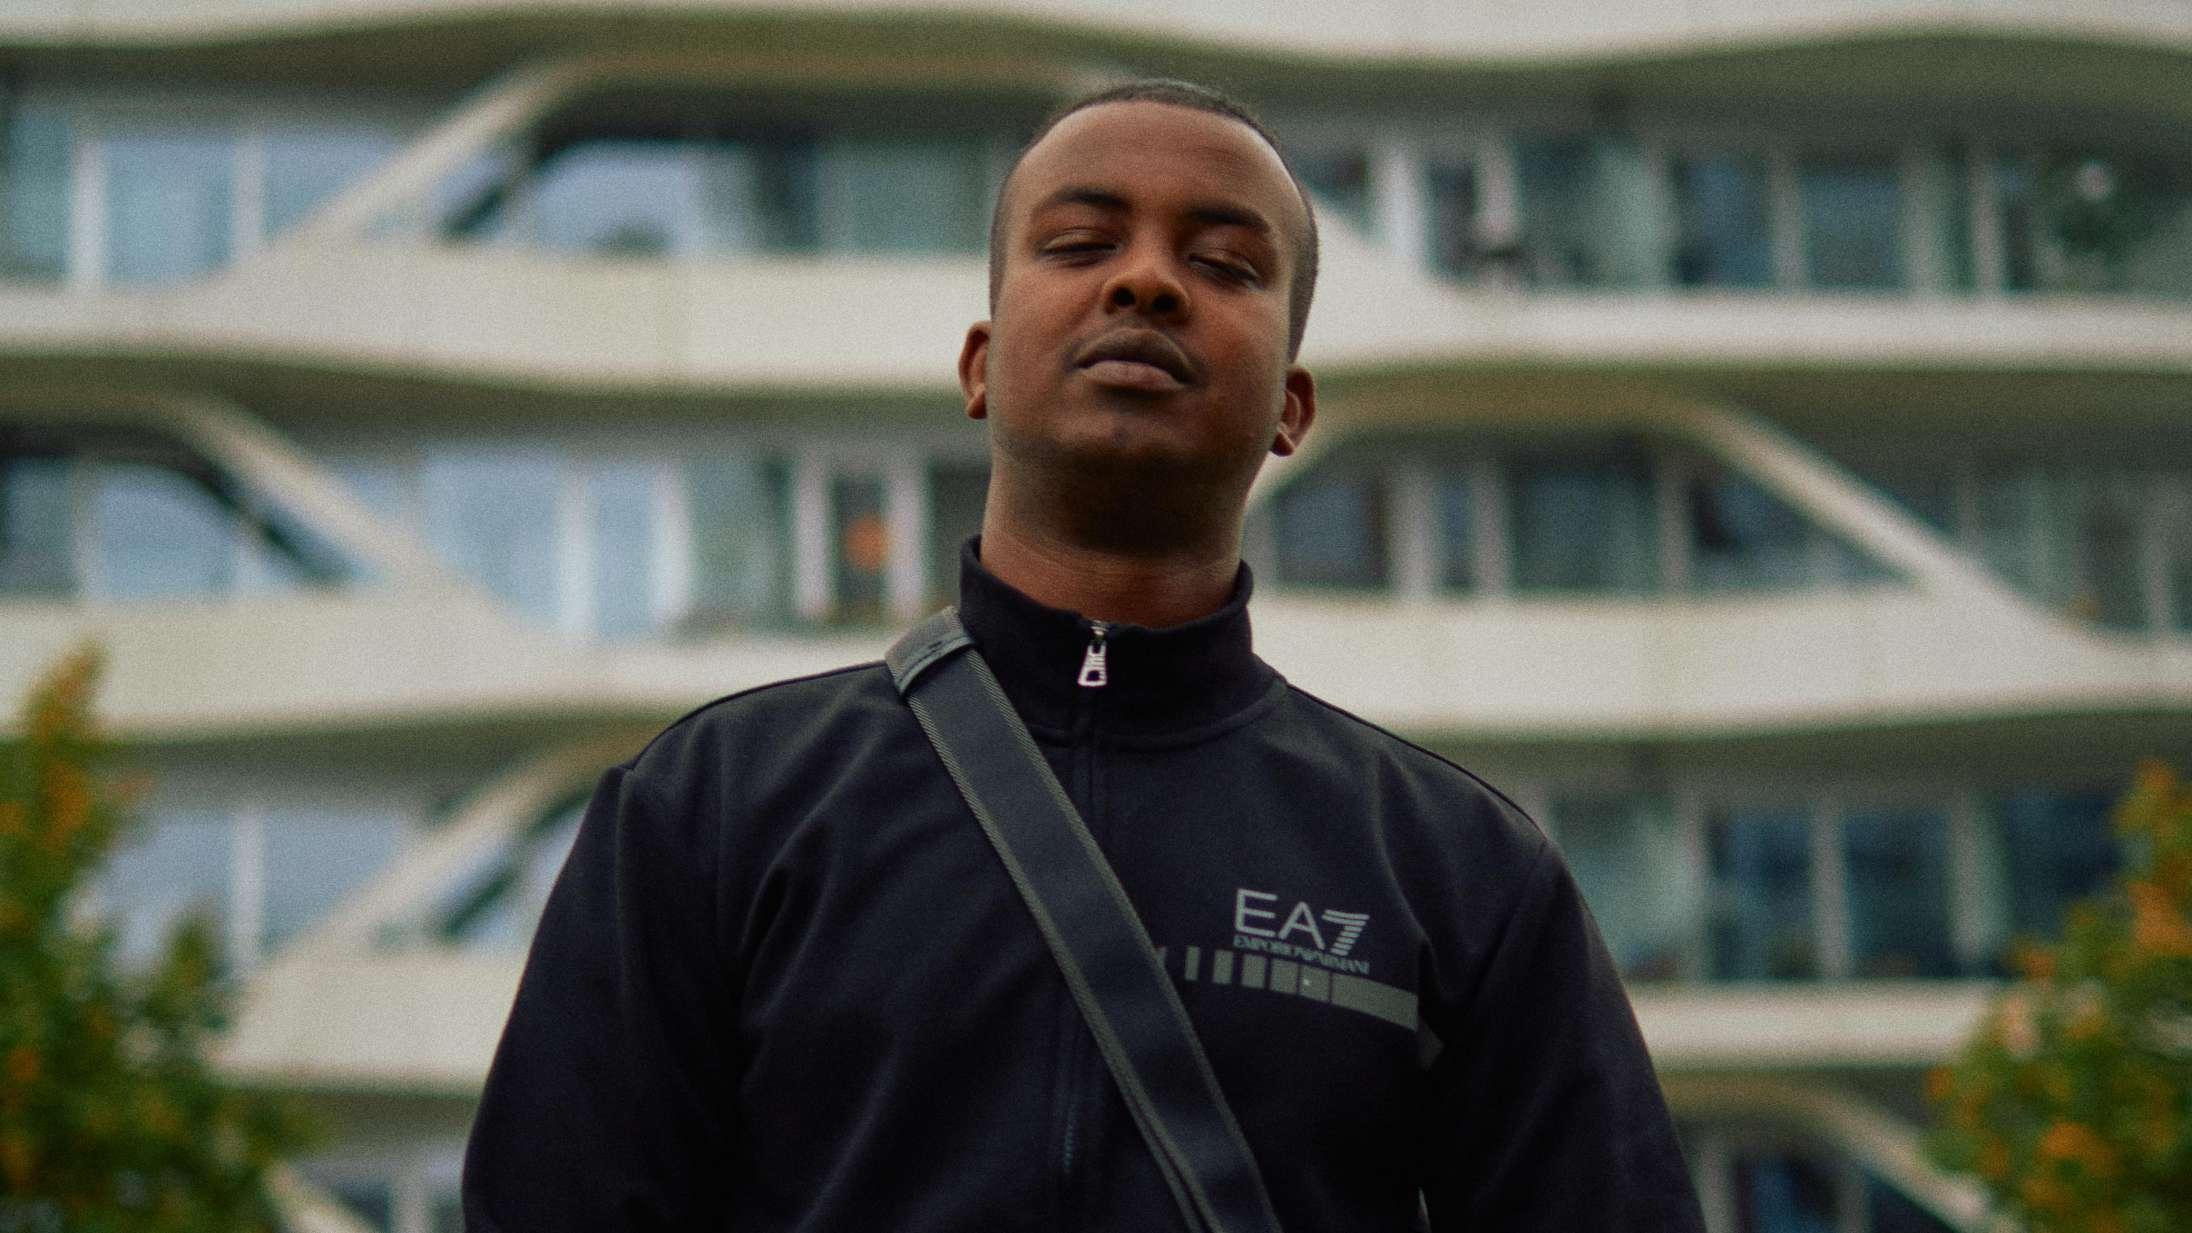 Ham Fra Syd laver musik, der afspejler volden i hans kvarter: »Det er en ond epidemi«